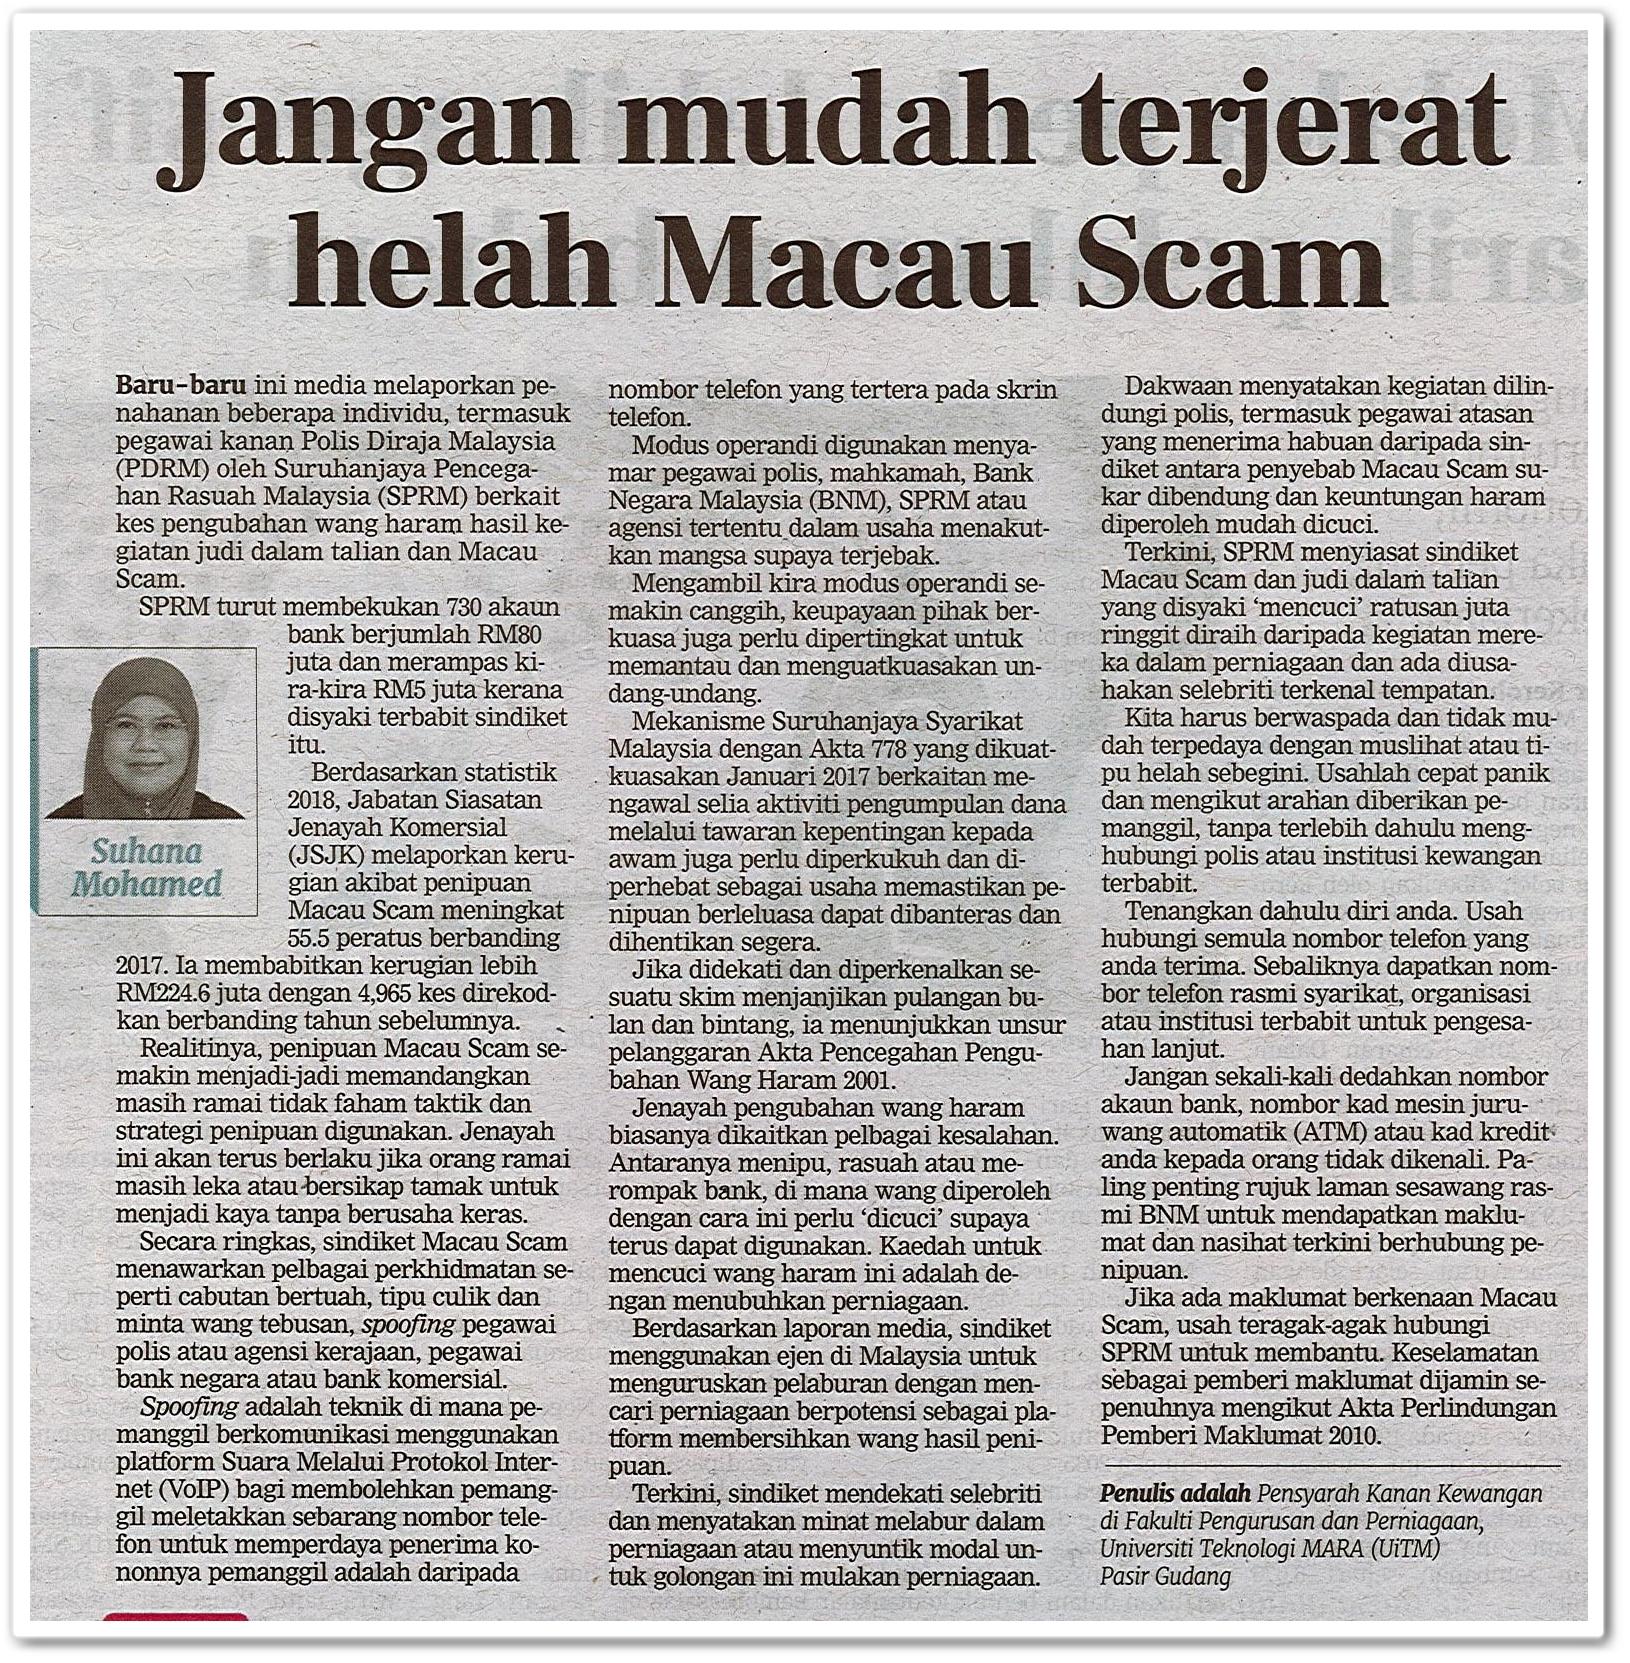 Jangan mudah terjerat helah Macau Scam - Keratan akhbar Berita Harian 11 Oktober 2020